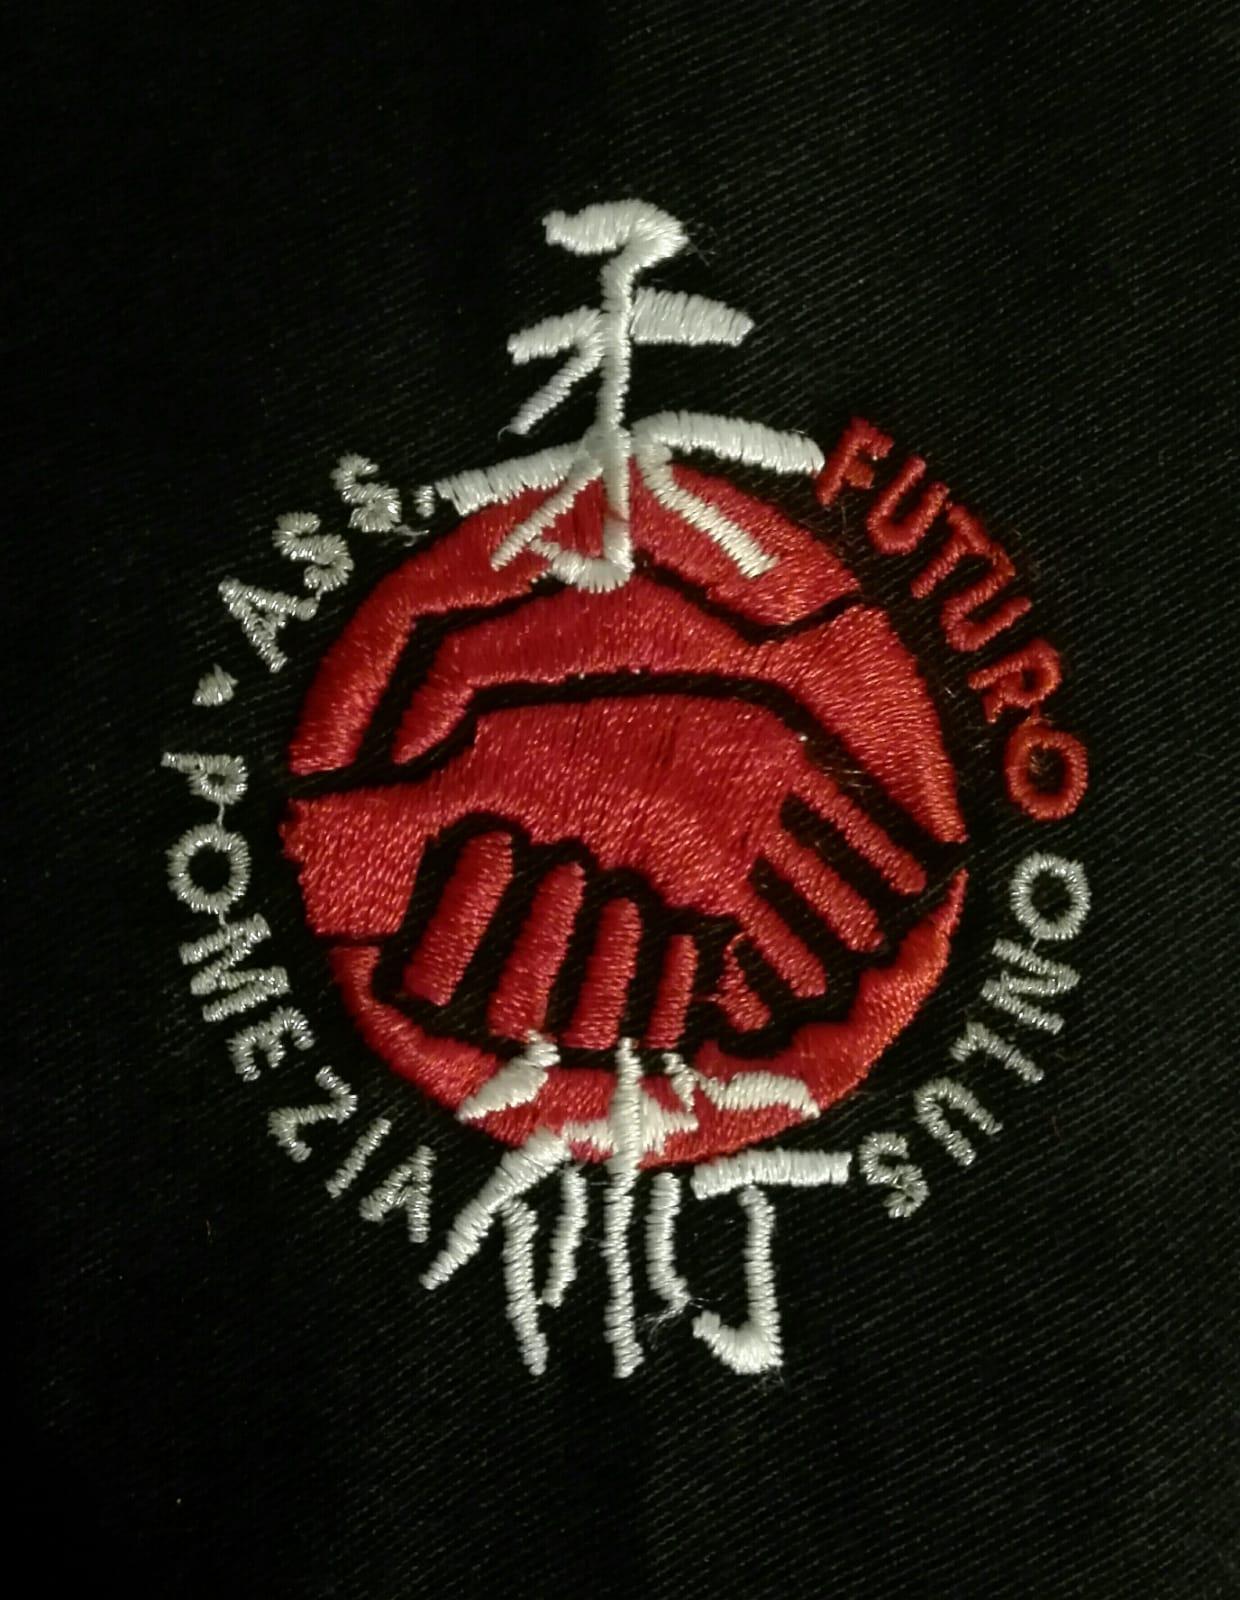 Organigramma Responsabile Settore JuJitsu Integrato